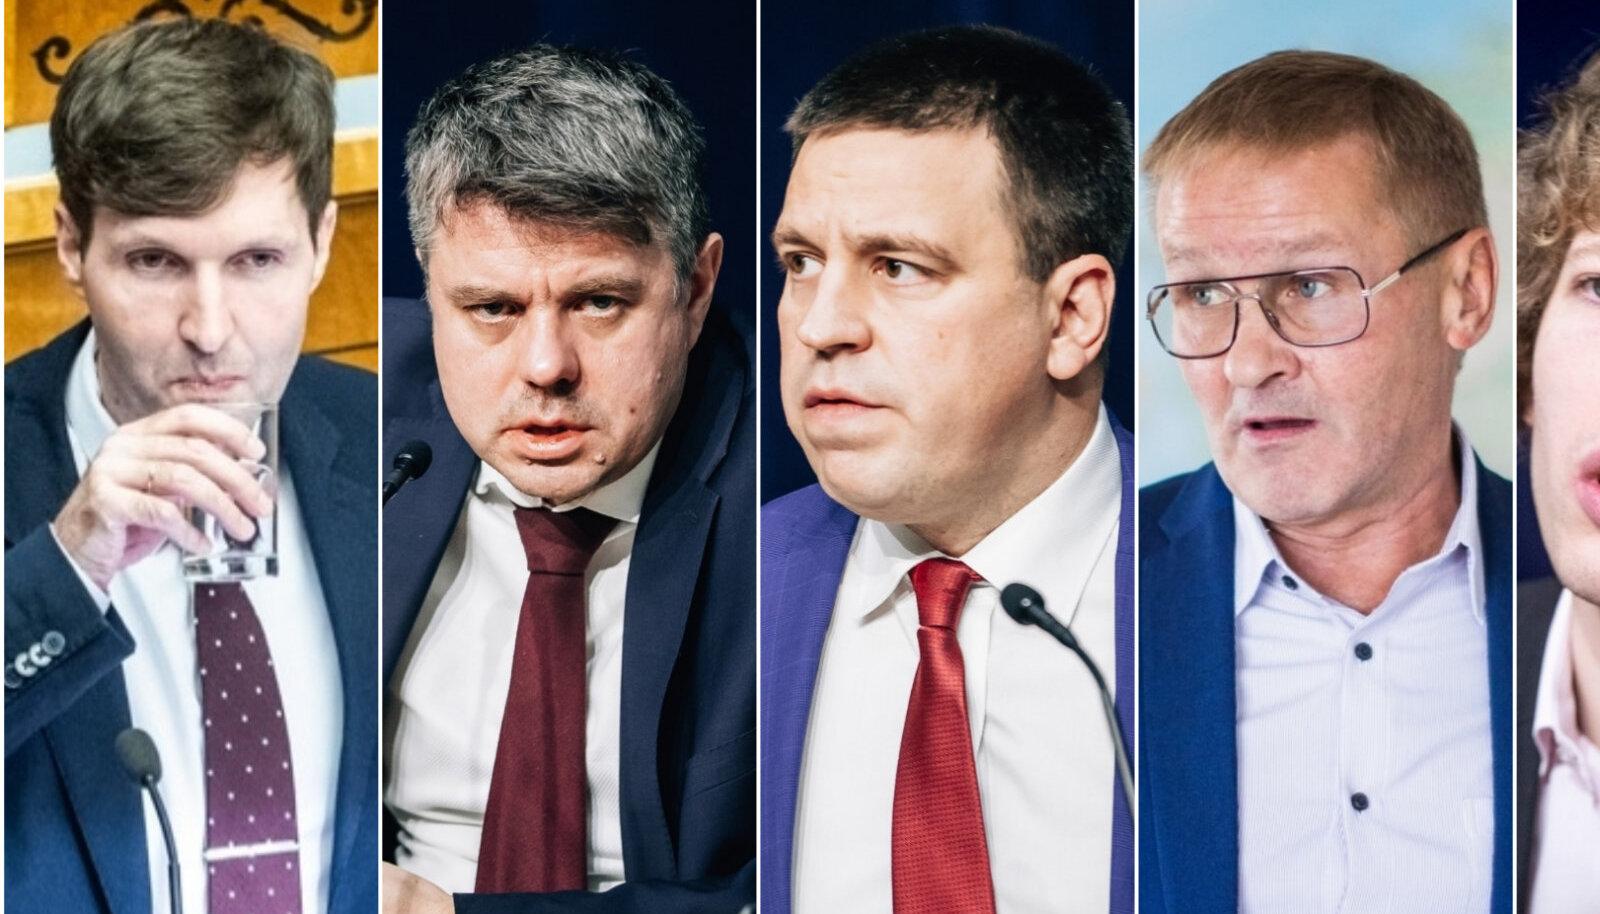 Vasakult: EKRE liider valitsuses Martin Helme, Isamaa esindaja Urmas Reinsalu, peaminister Jüri Ratas, haridusminister Jaak Aab ja sotsiaalminister Tanel Kiik